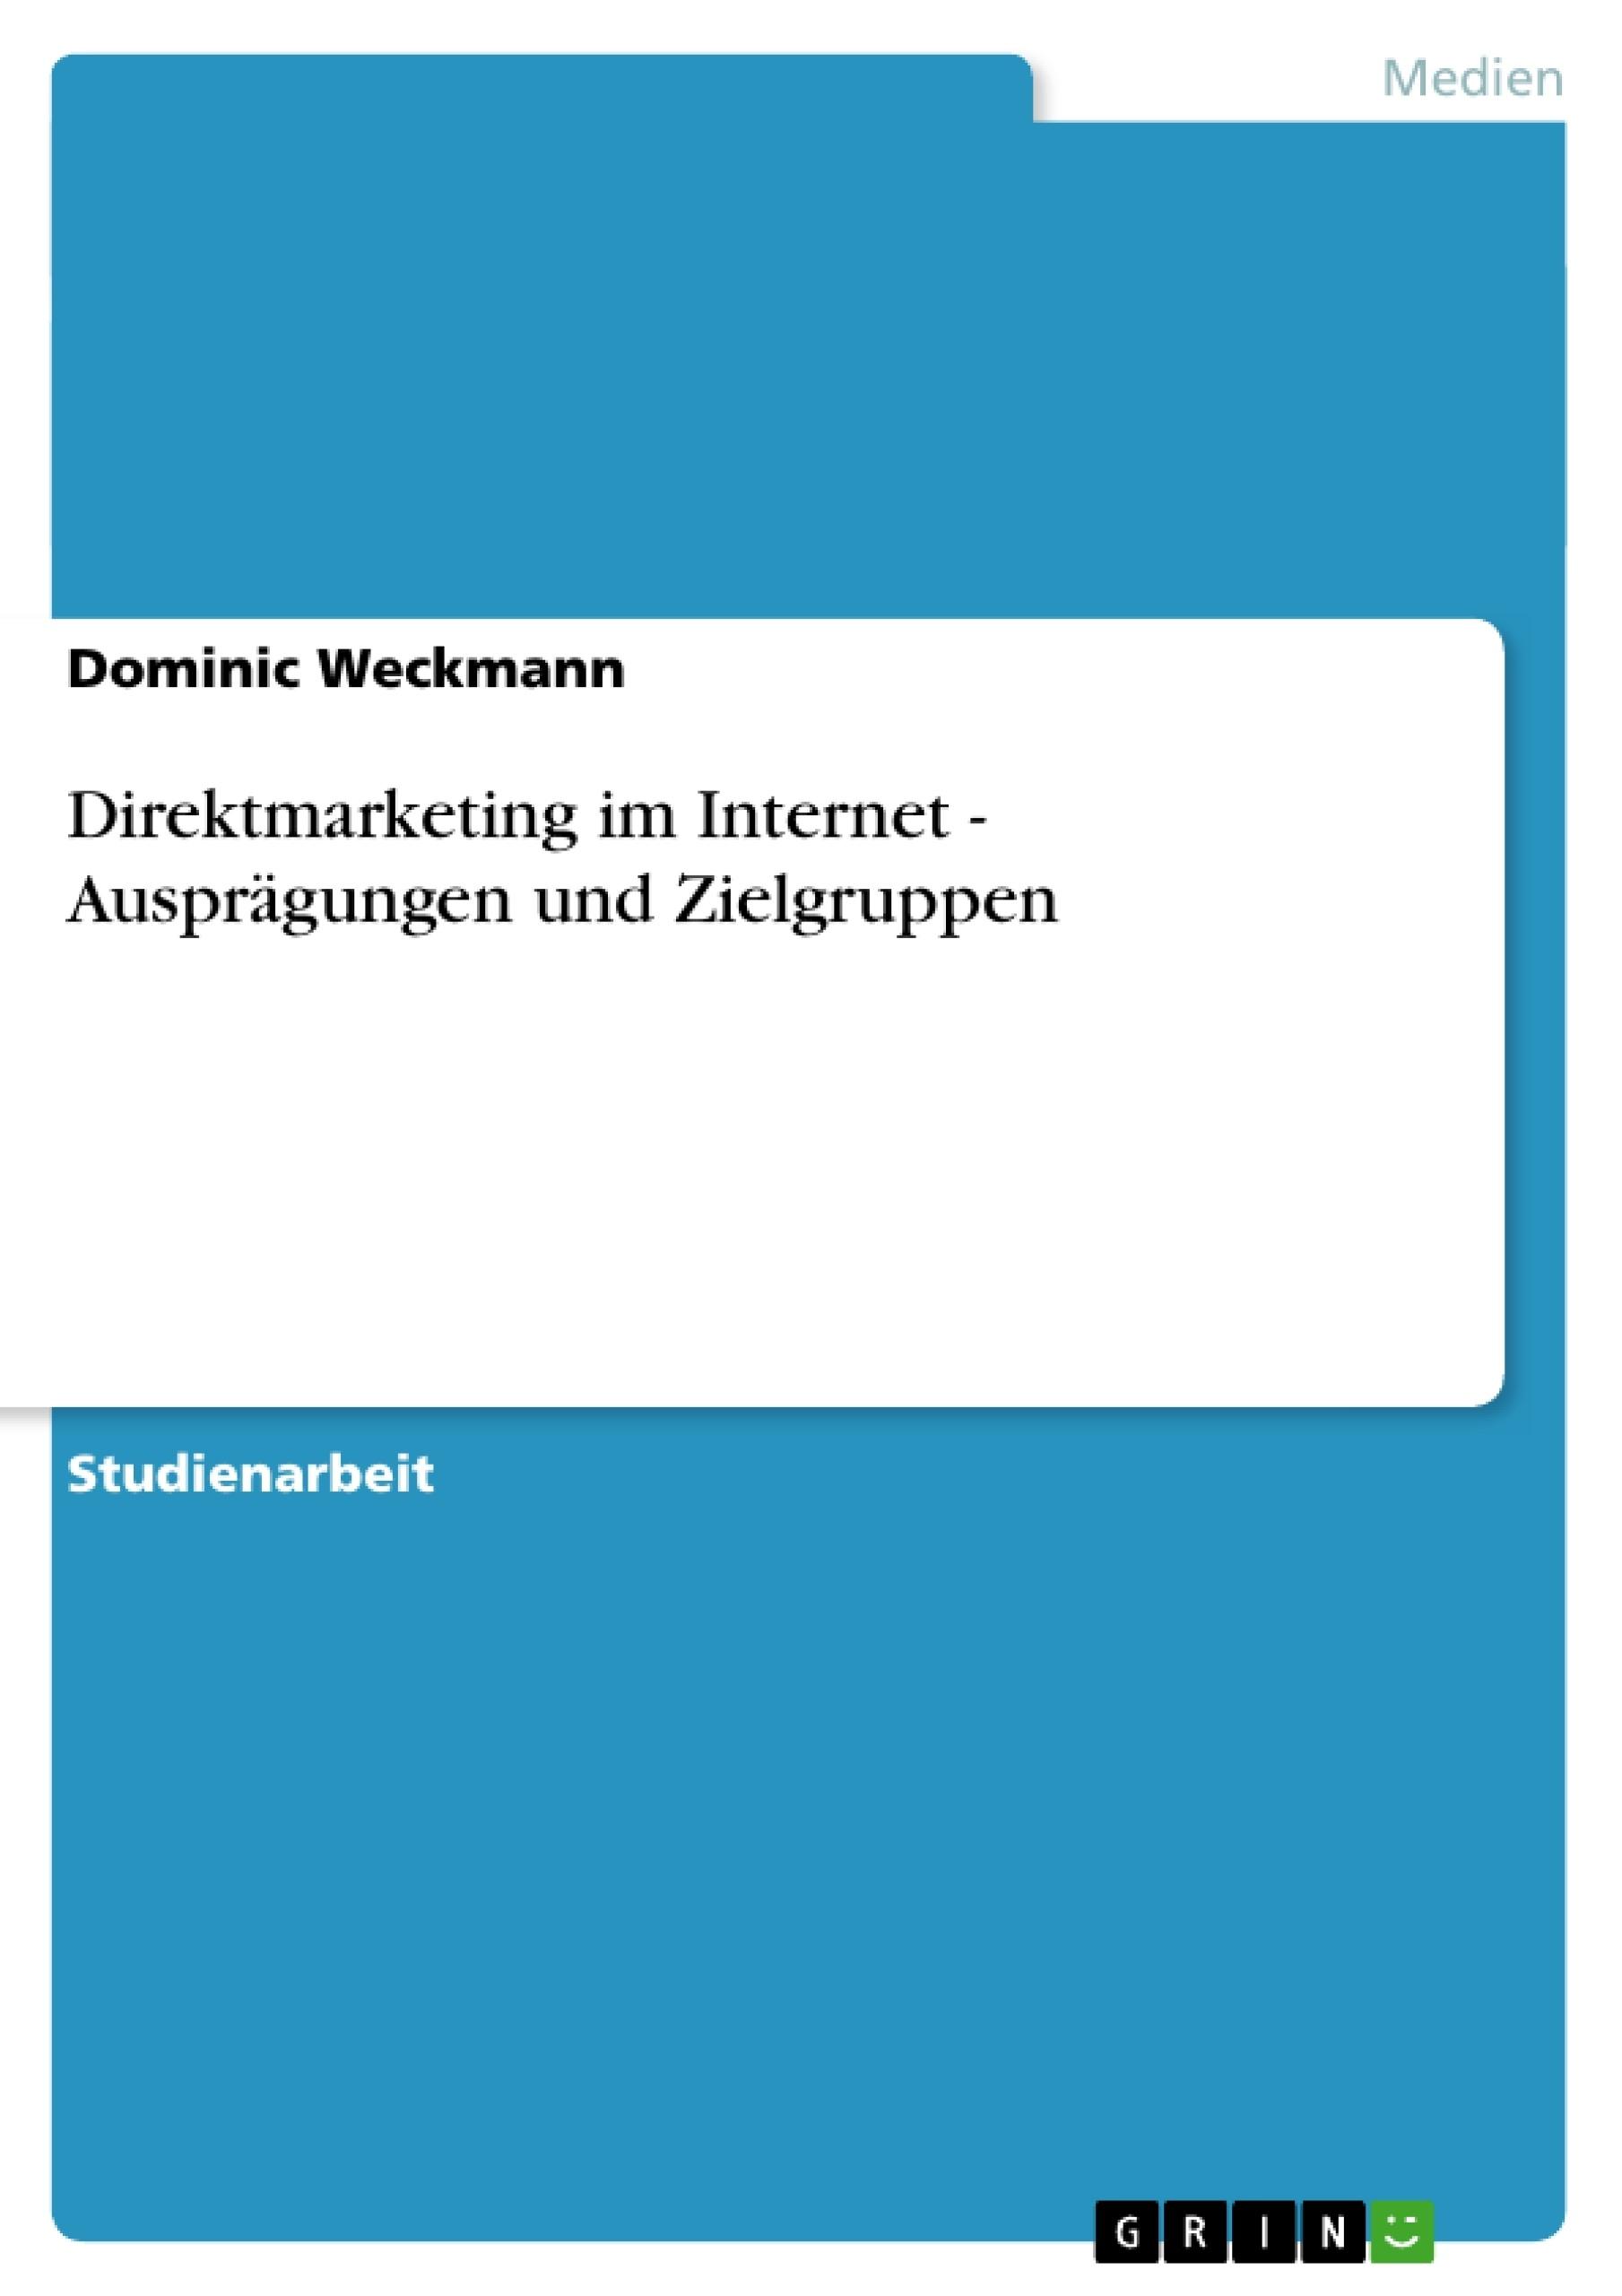 Titel: Direktmarketing im Internet - Ausprägungen und Zielgruppen